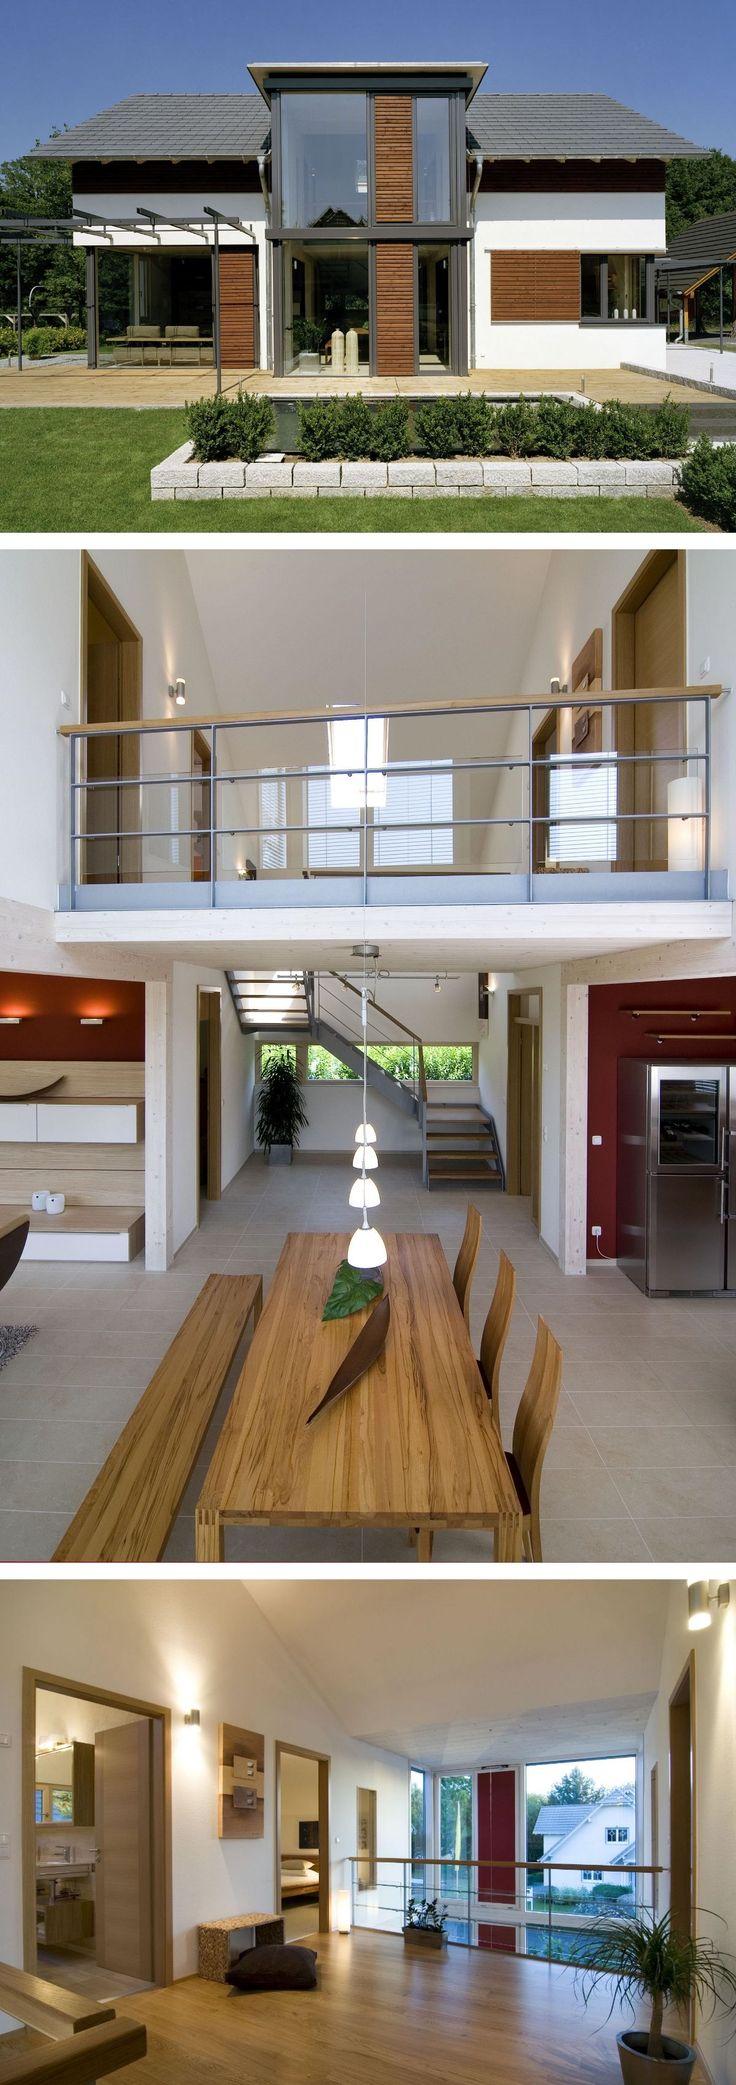 Modernes Einfamilienhaus mit Holz Putz Fassade, Zw…